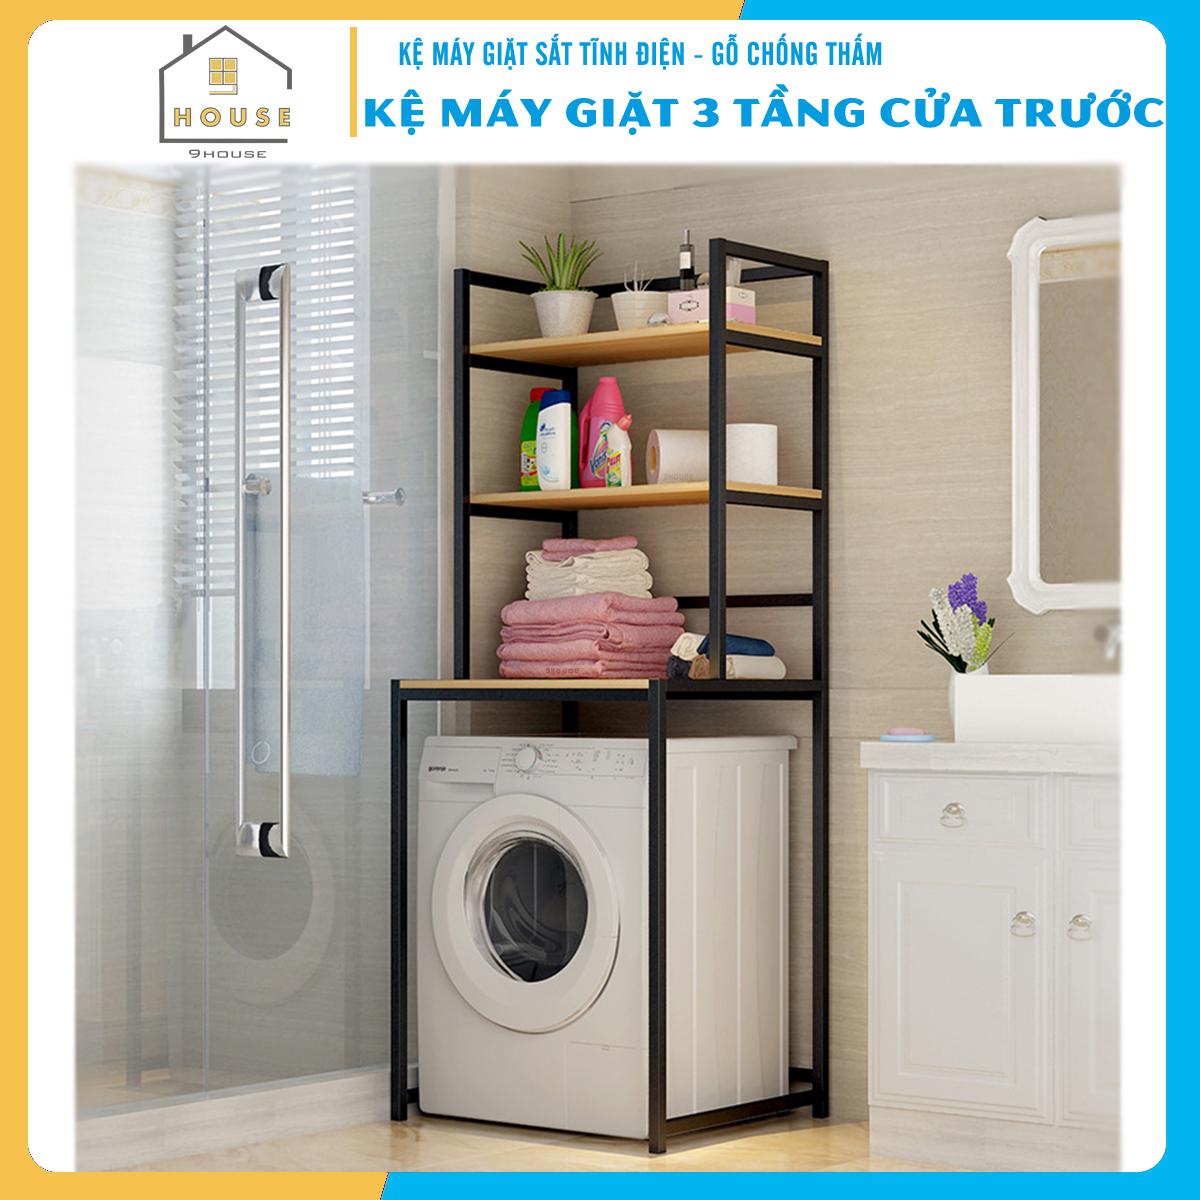 Kệ máy giặt 3 tầng cửa trước KMG01N thương hiệu 9House kệ để đồ trên máy giặt loại khung thép dày dặn sơn tĩnh điện chống bong tróc, gỗ lõi xanh phủ melamine chống nước cực bền, Sản xuất tại Việt Nam - Hàng chính hãng